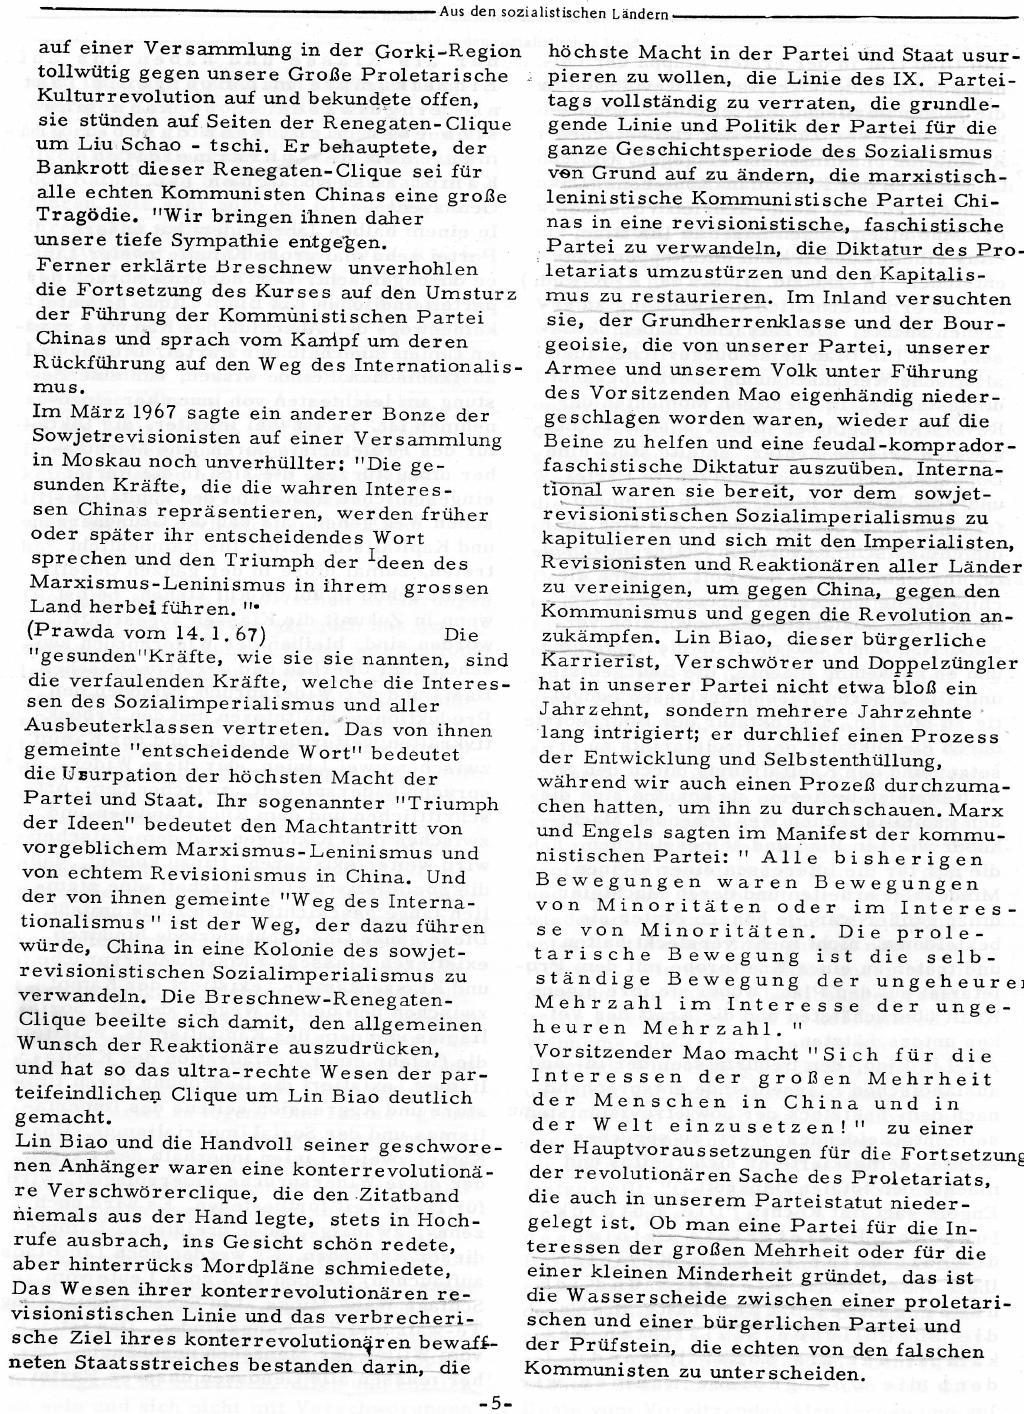 RPK_1973_027_05